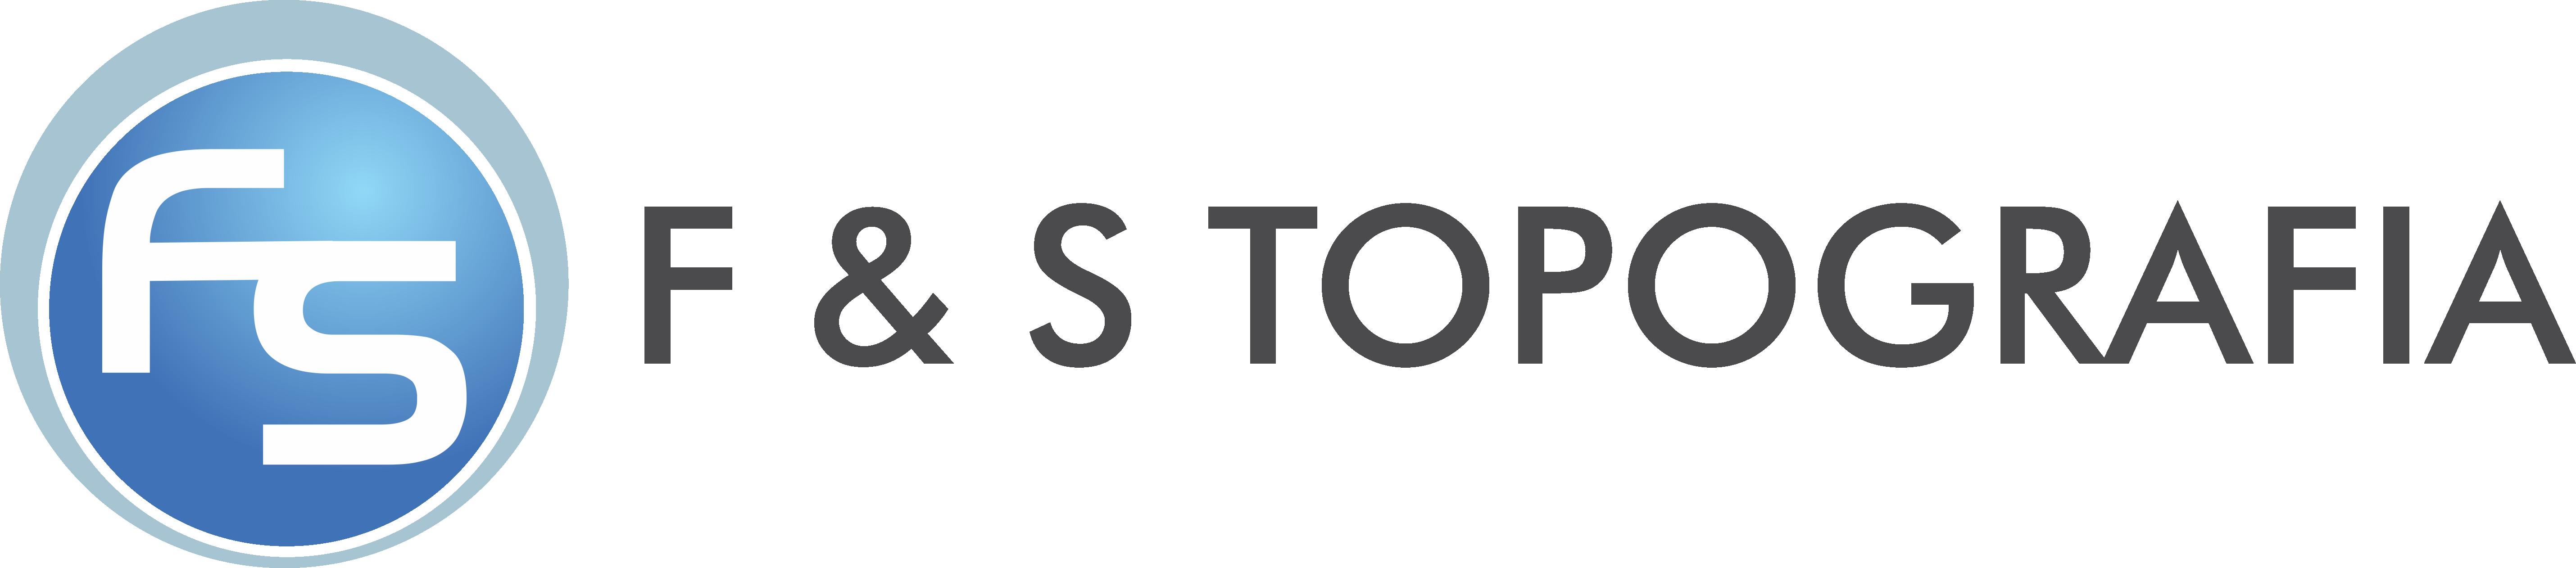 F&S TOPOGRAFIA